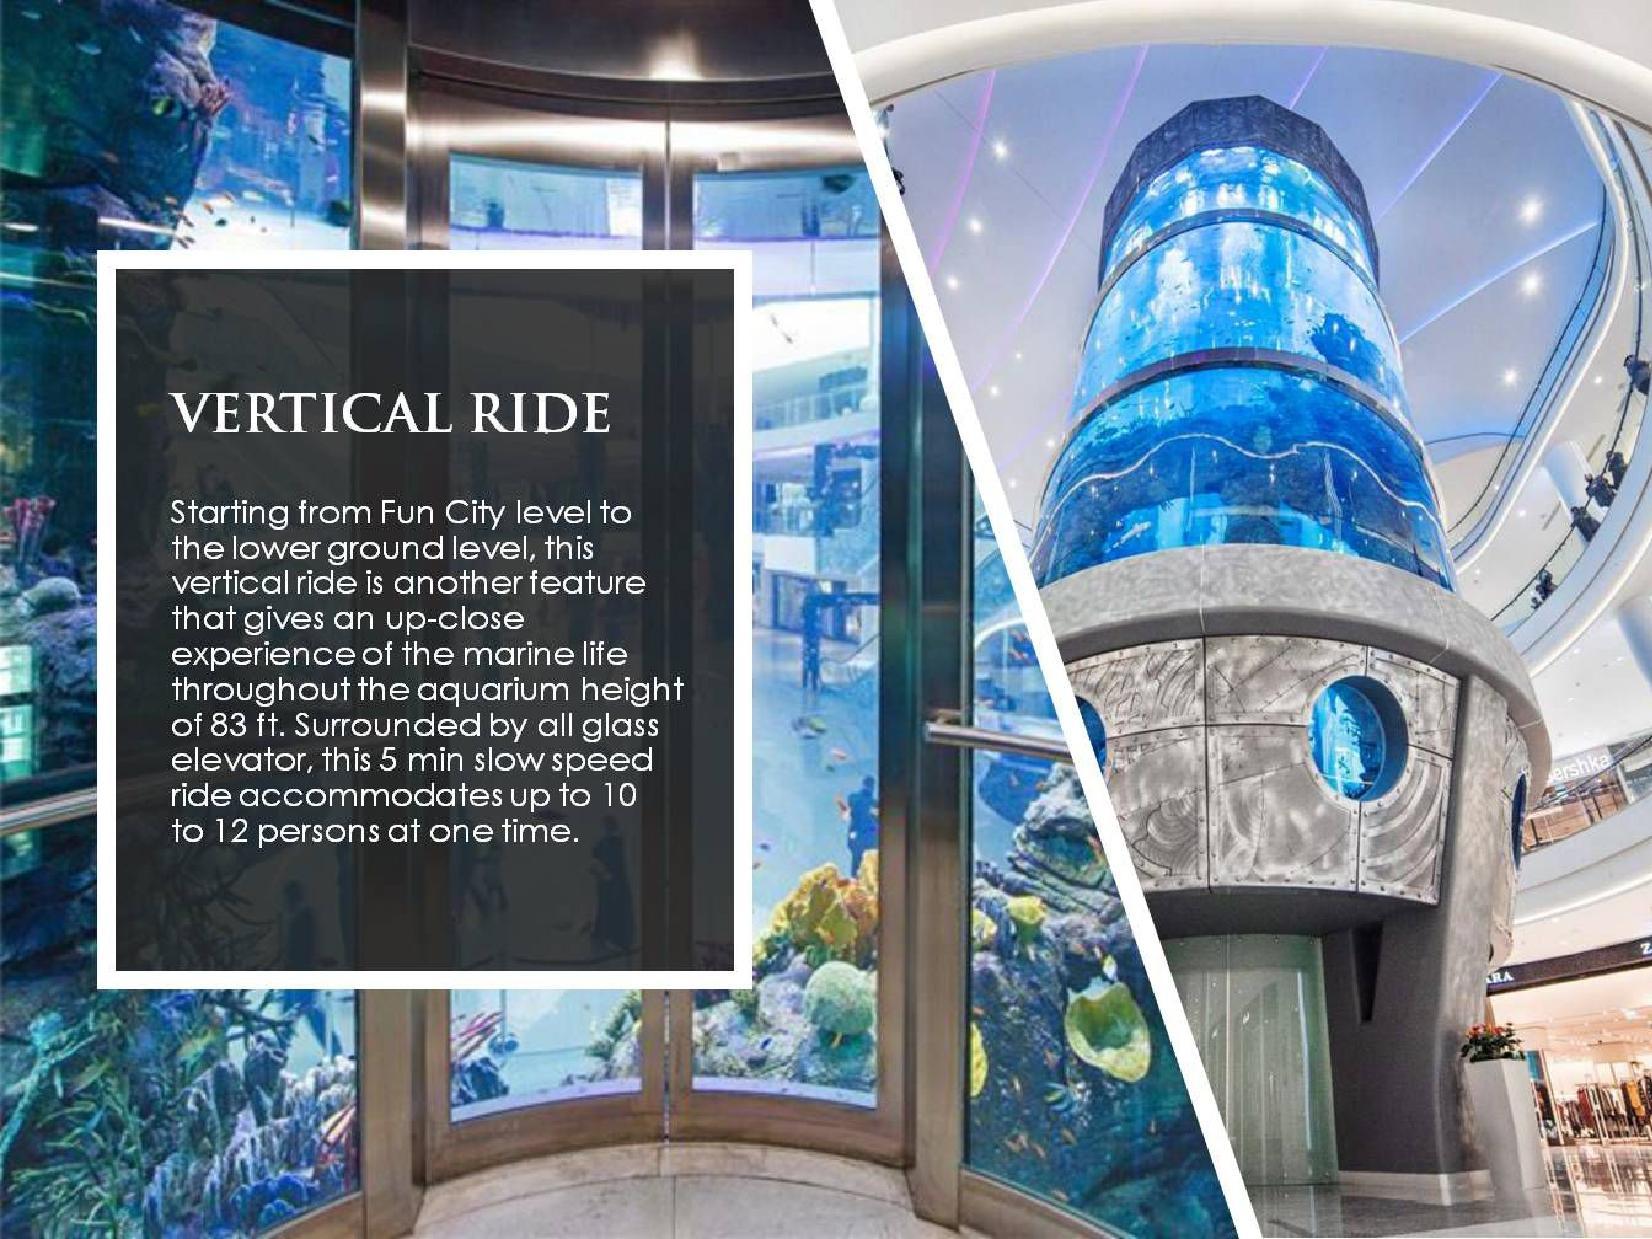 Aquatic Mall Vertical Ride